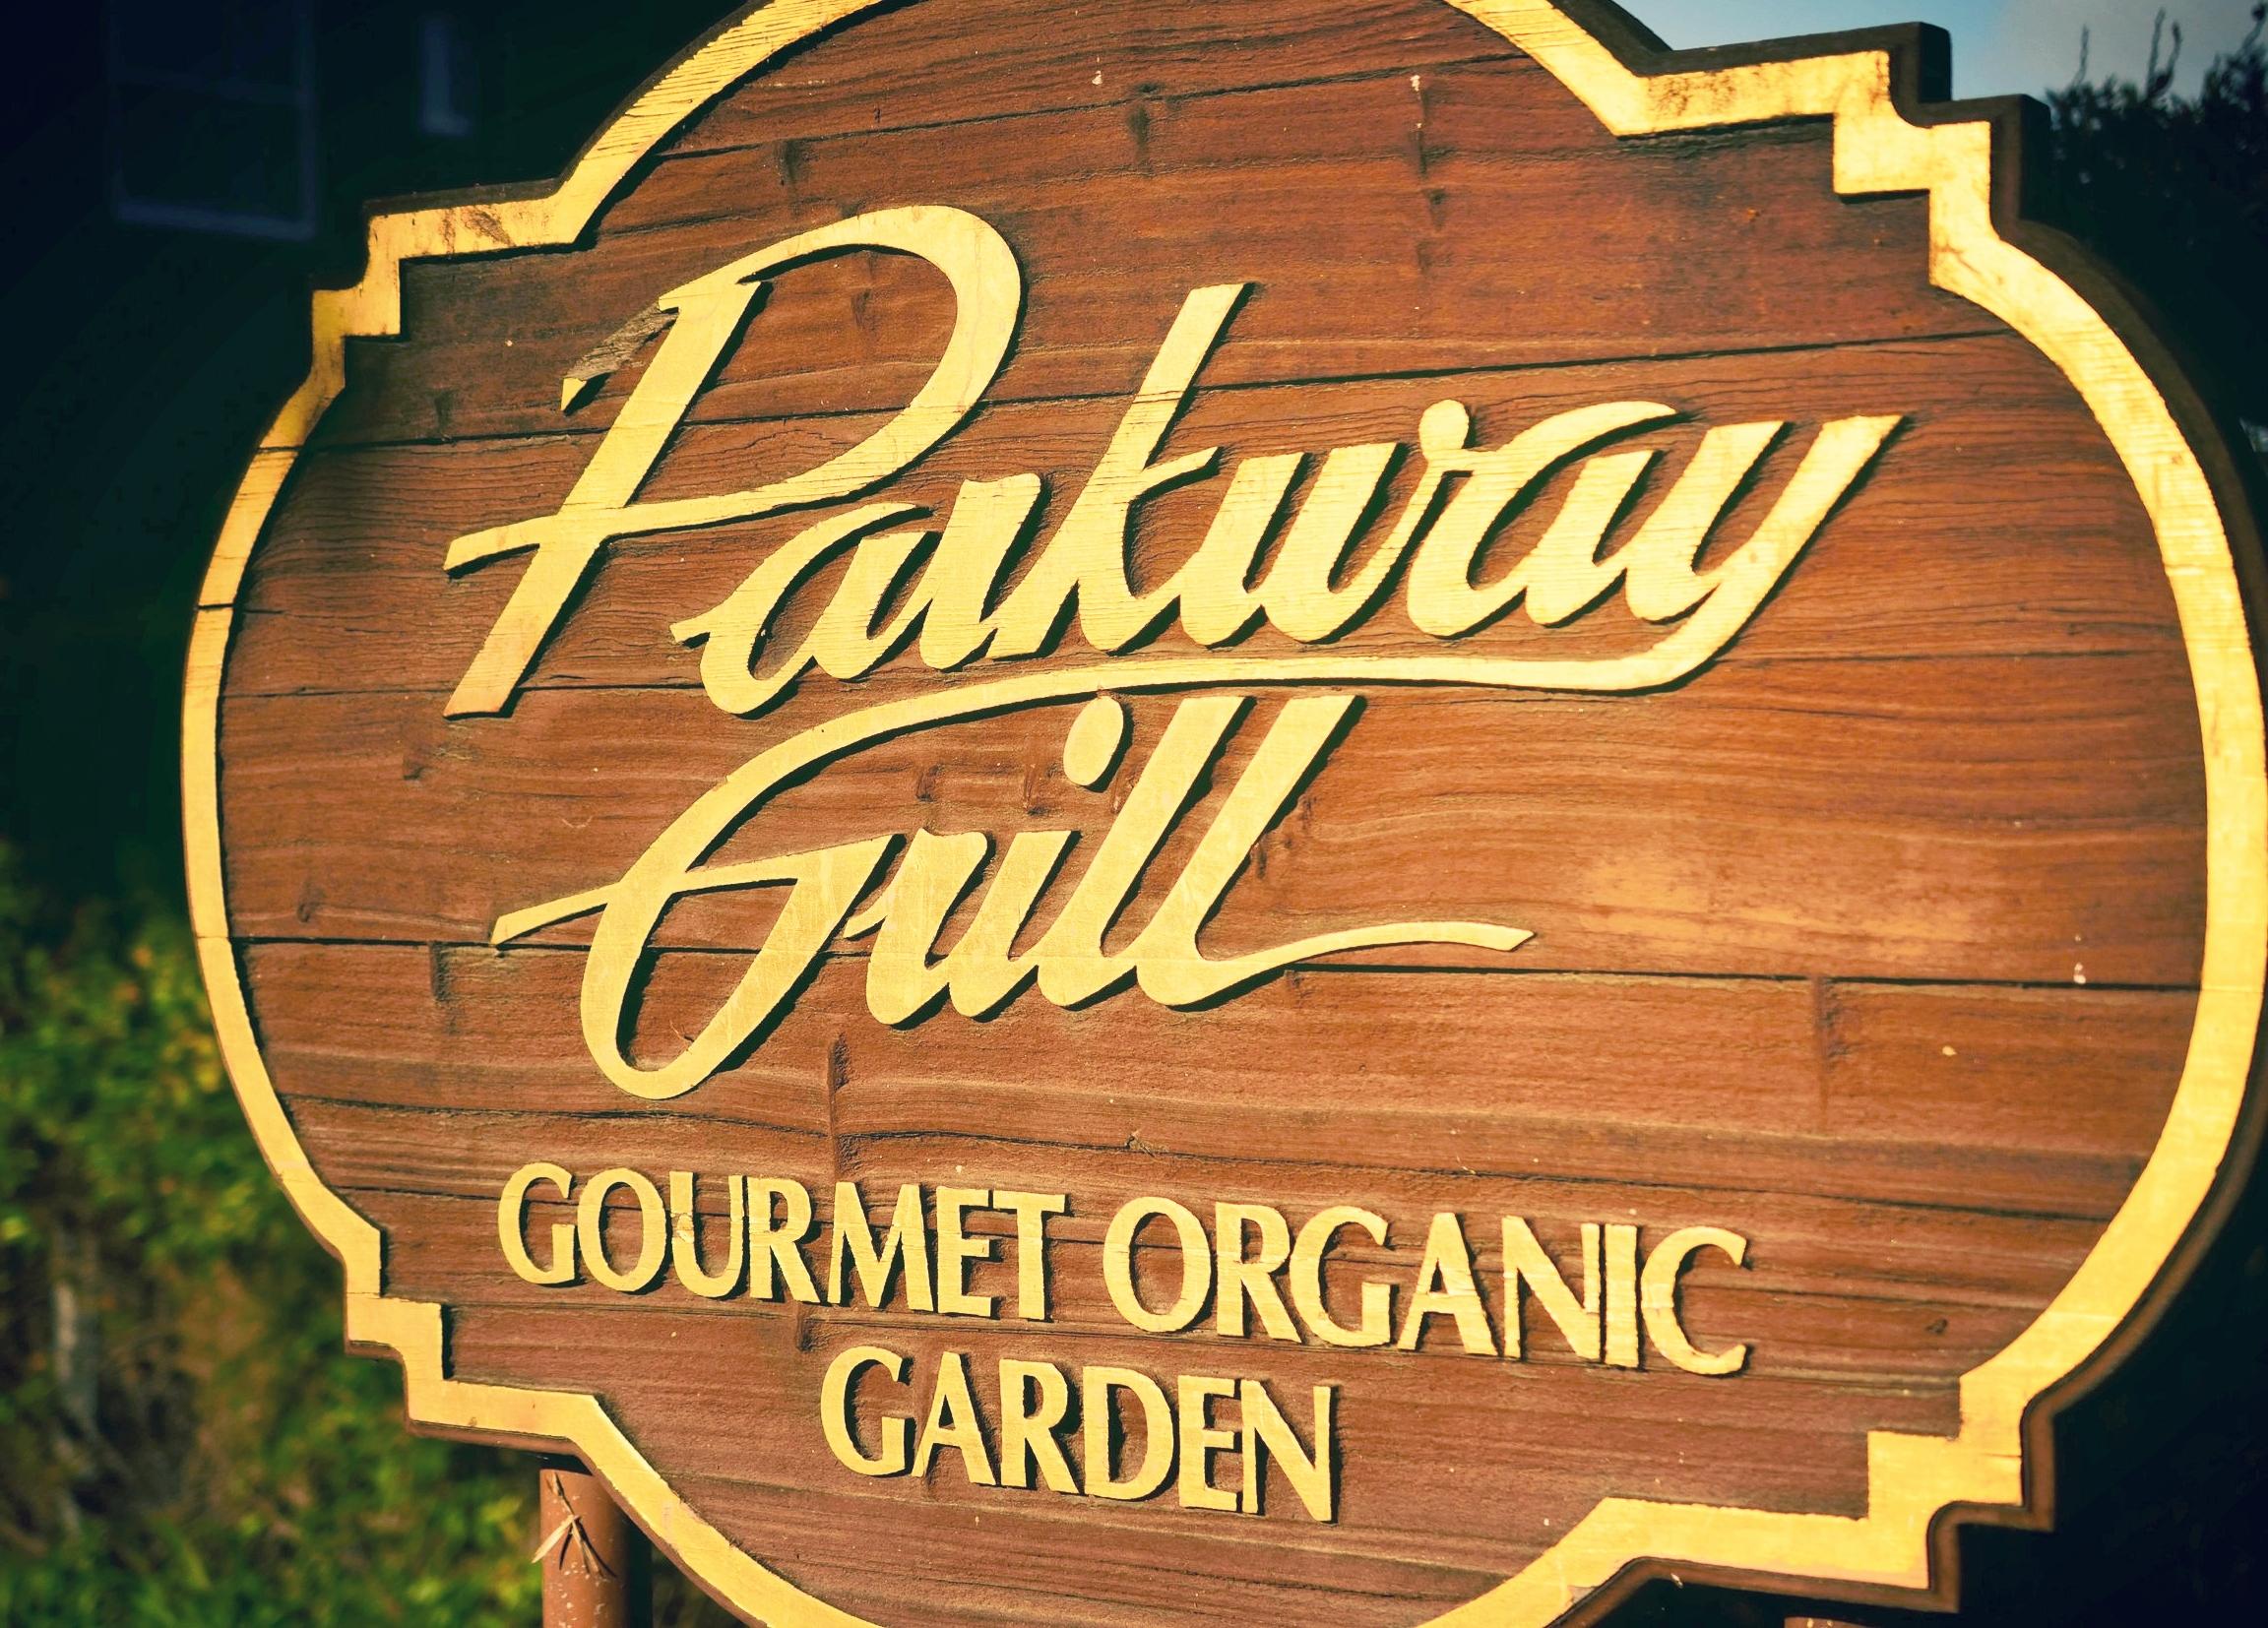 Sign for Parkway's Gourmet Organic Garden.